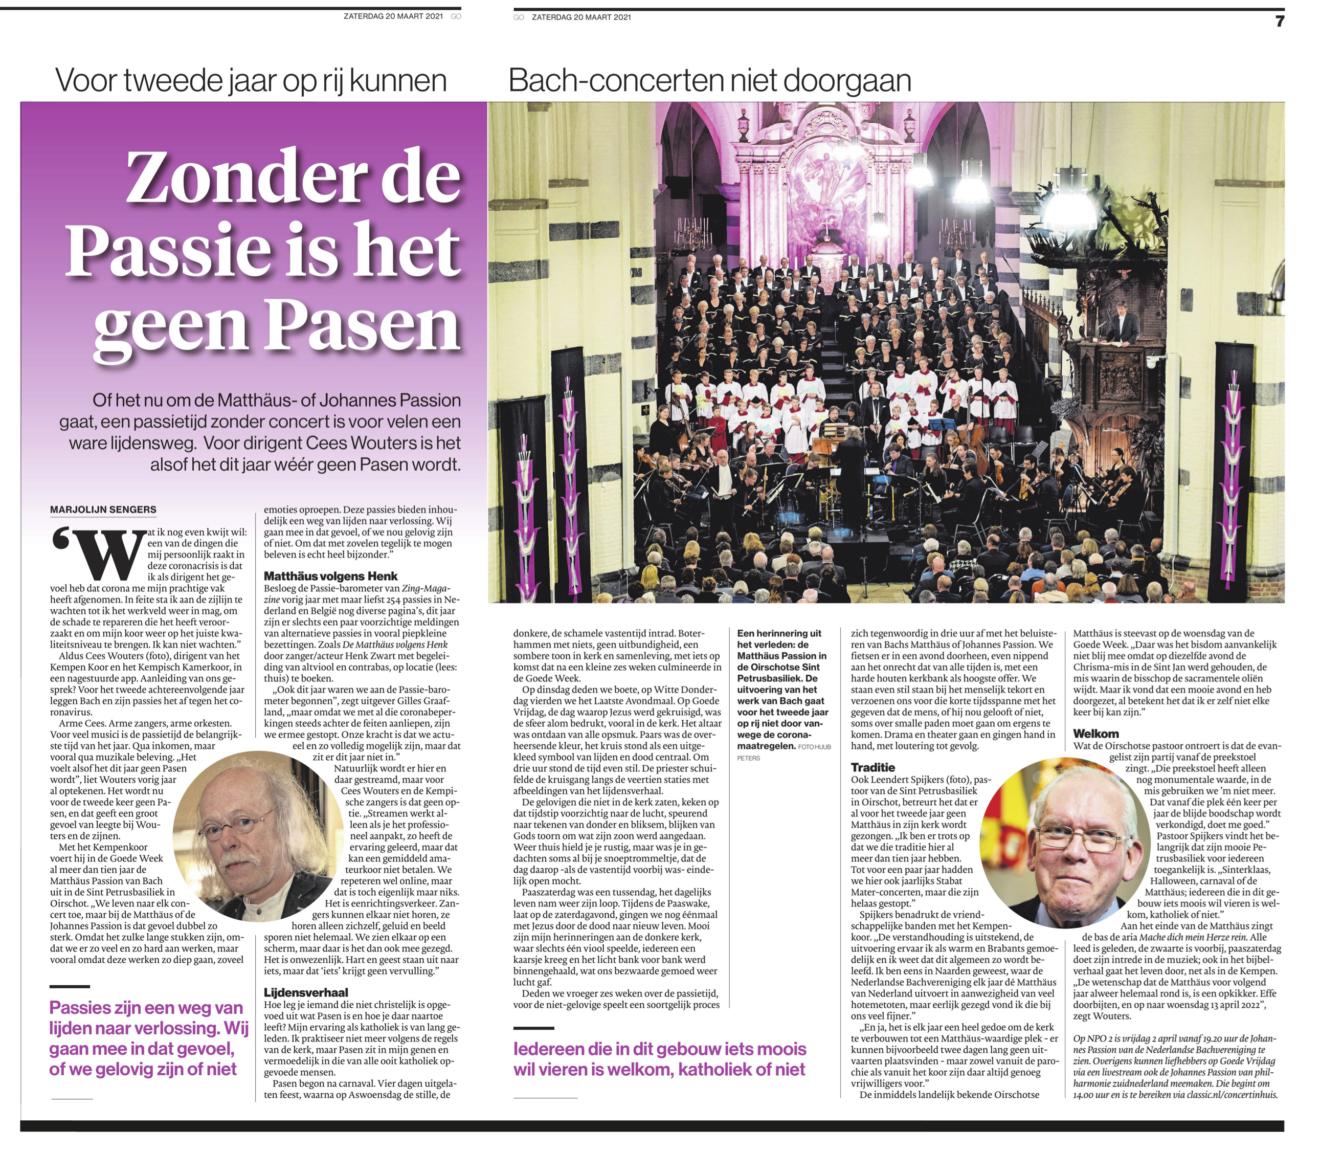 crop_2021-03-20_Eindhovens_Dagblad_-_West_-_20-03-2021_54